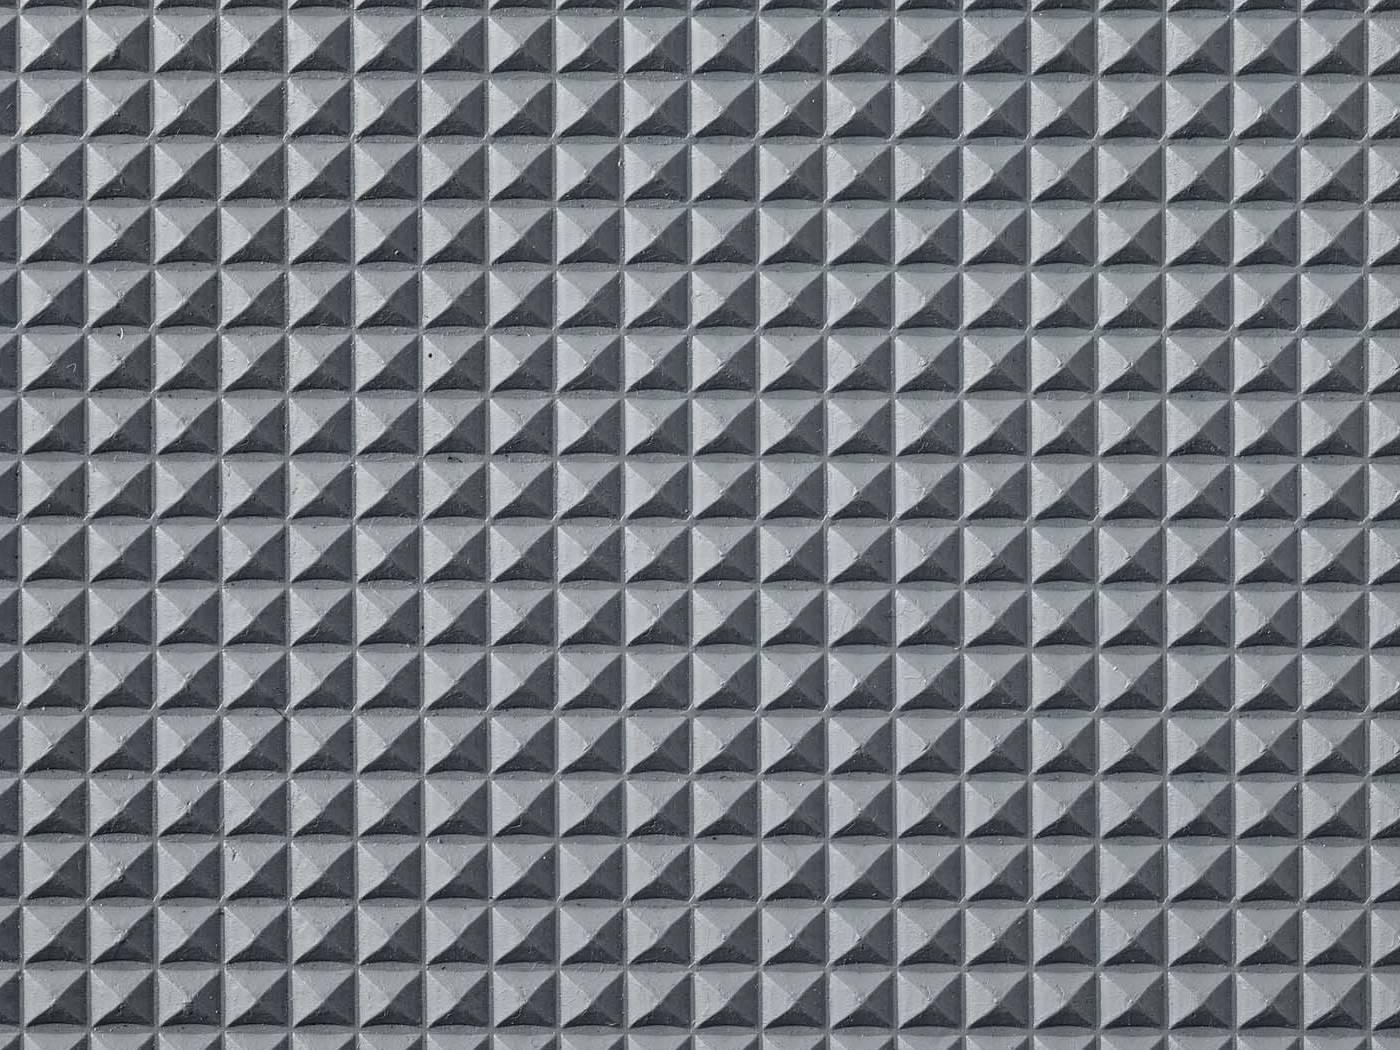 ニュービニールシート ピラミッドの画像